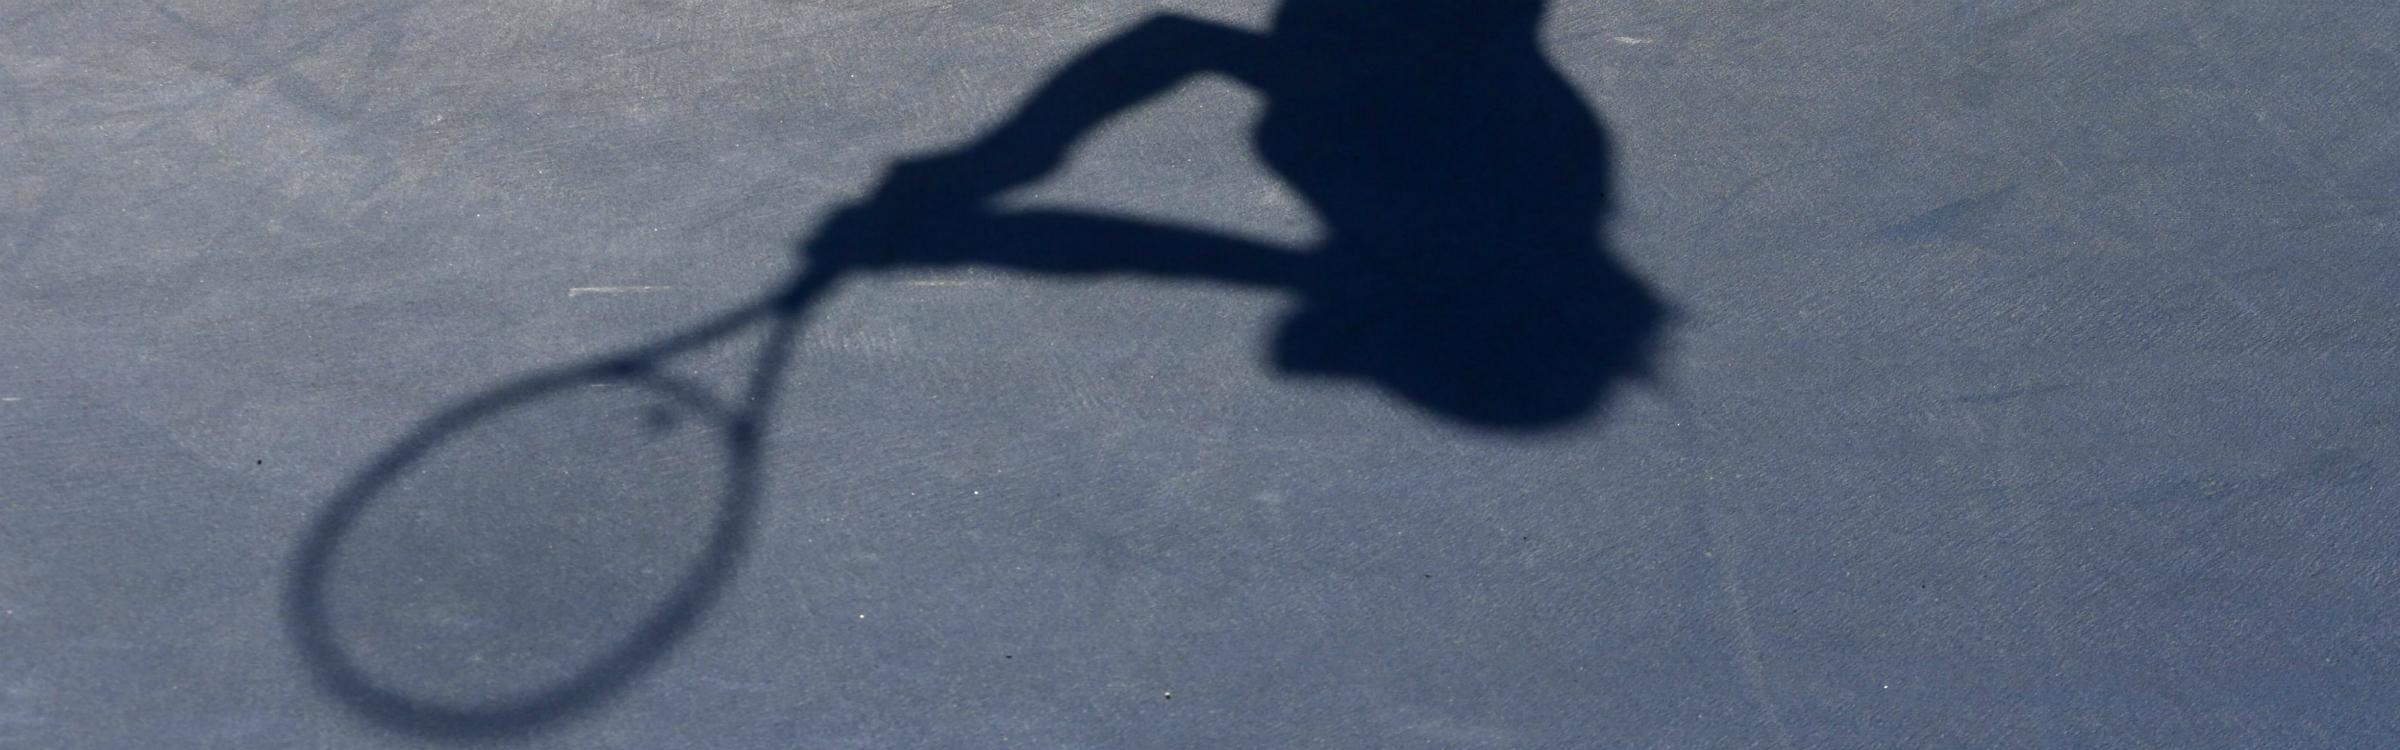 Tennis.jpg header